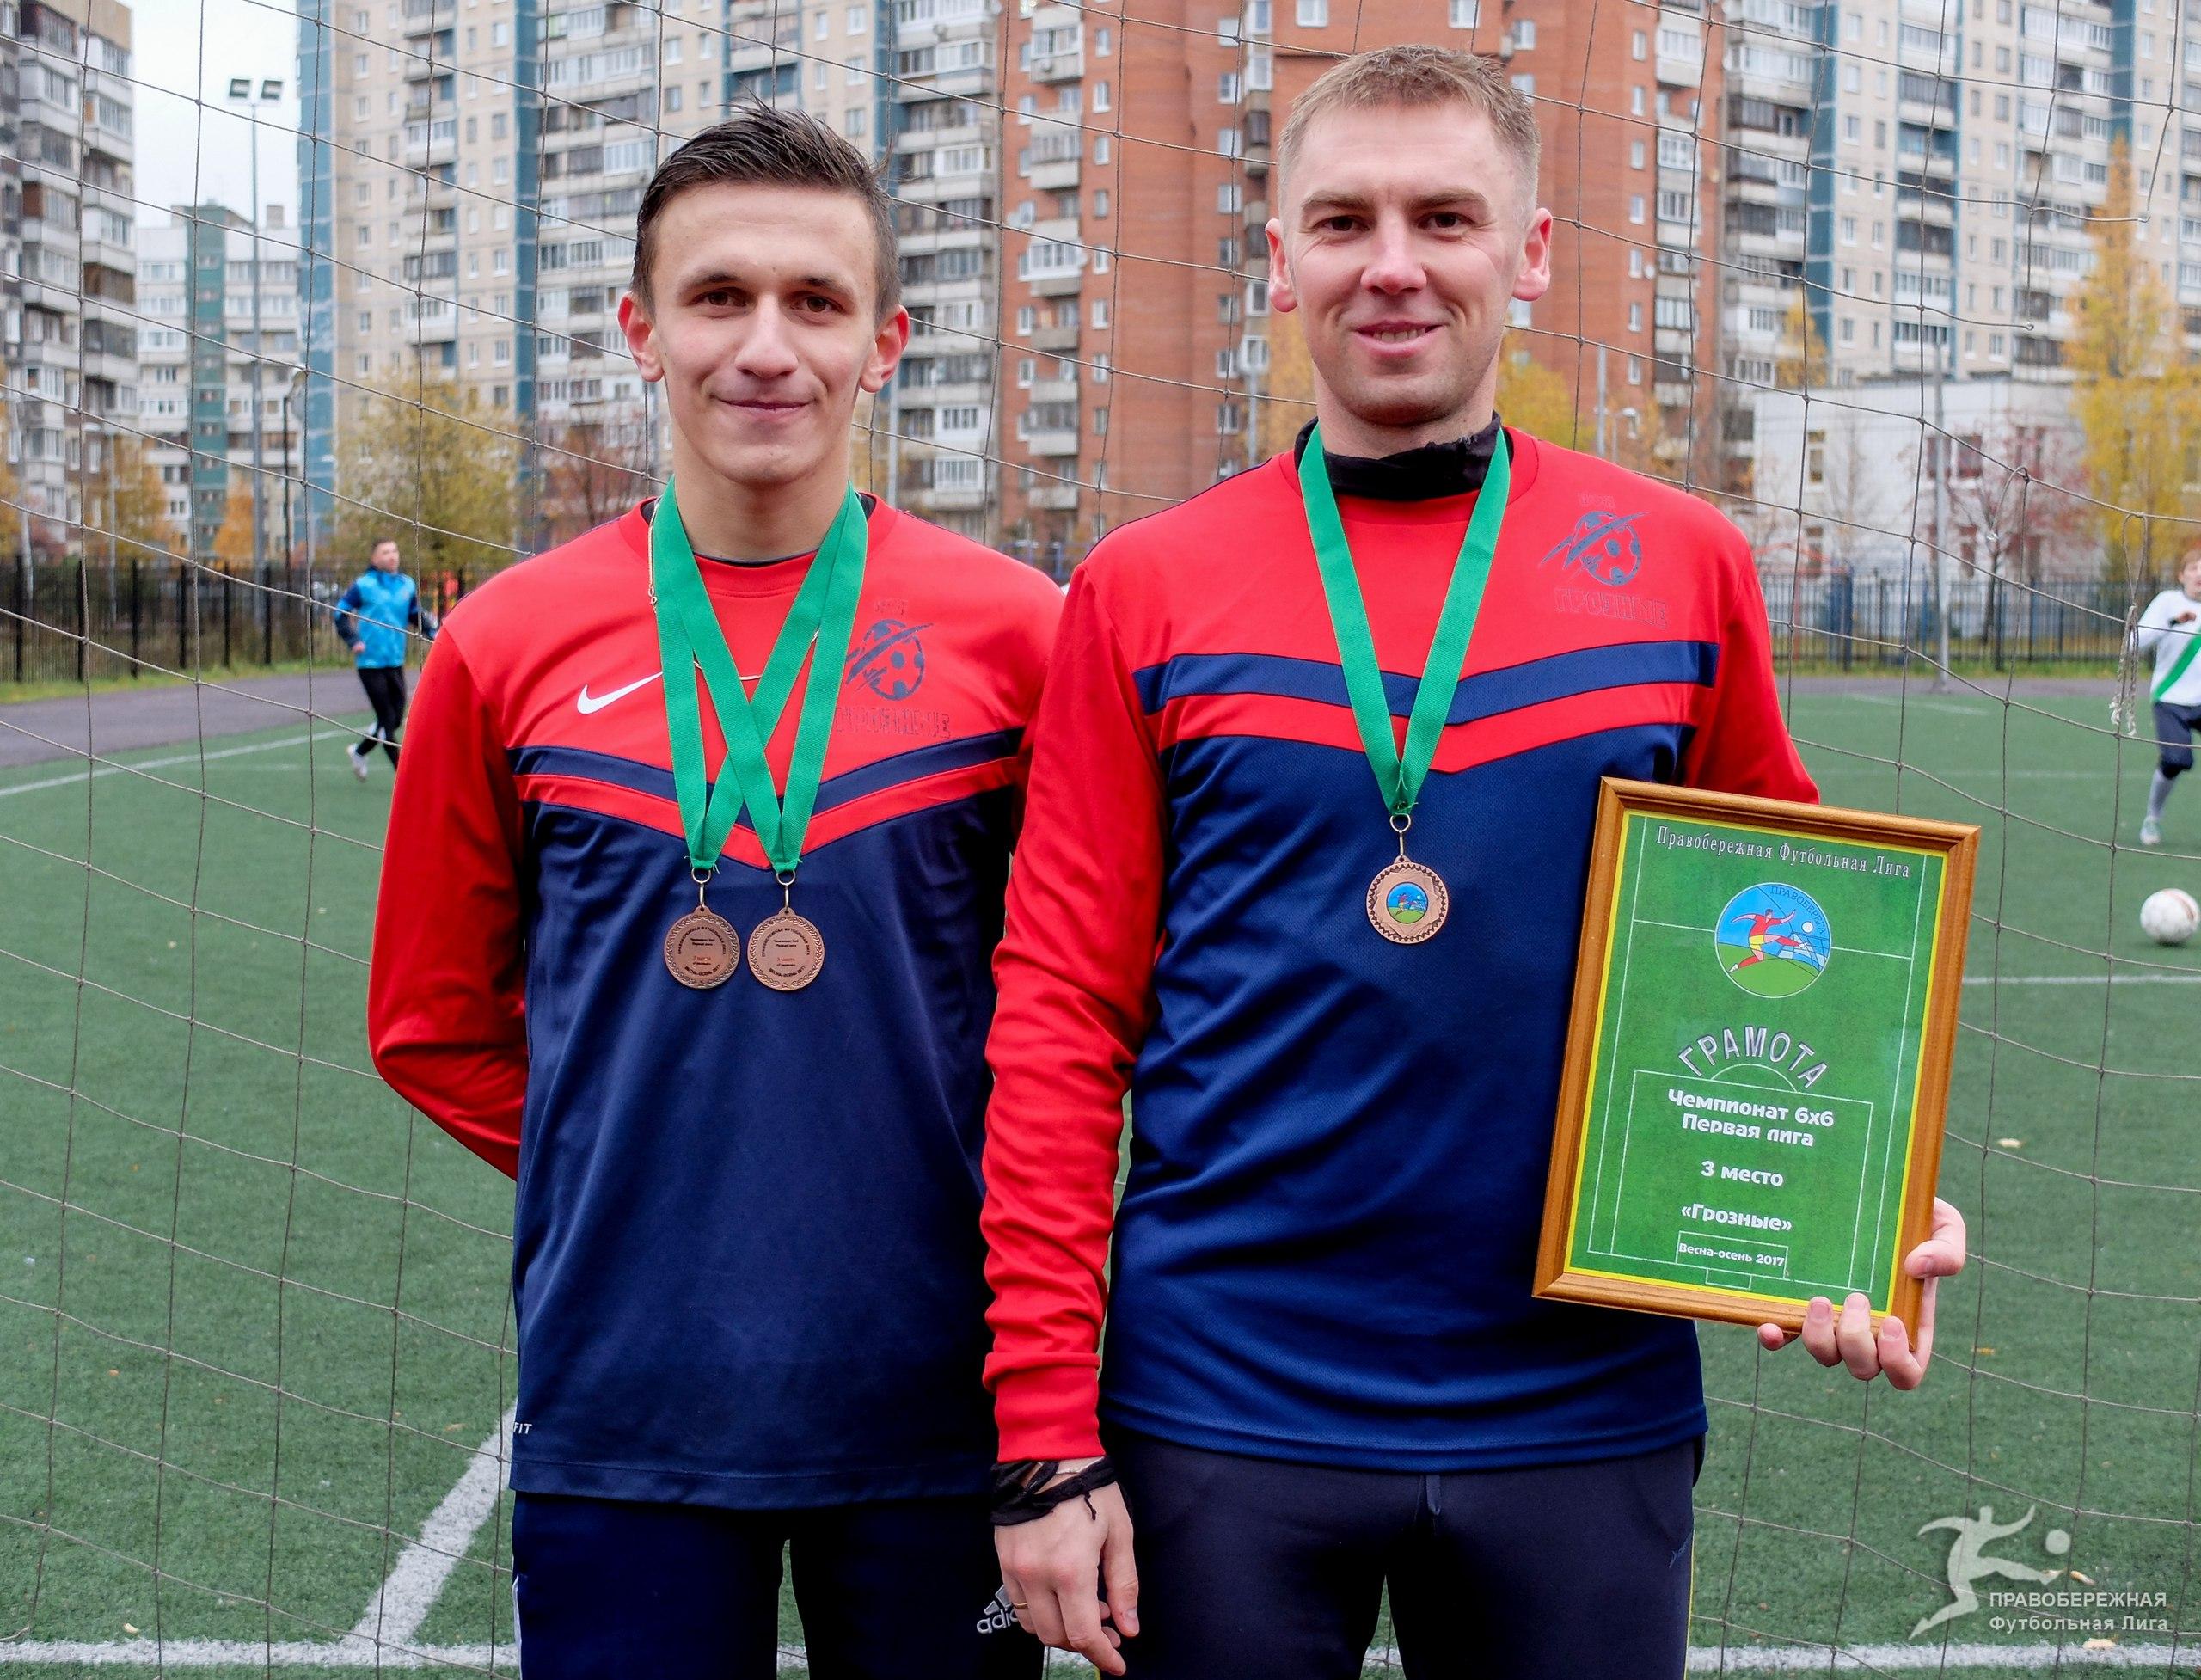 Виталий Золотенков и Владимир Хвойницкий (